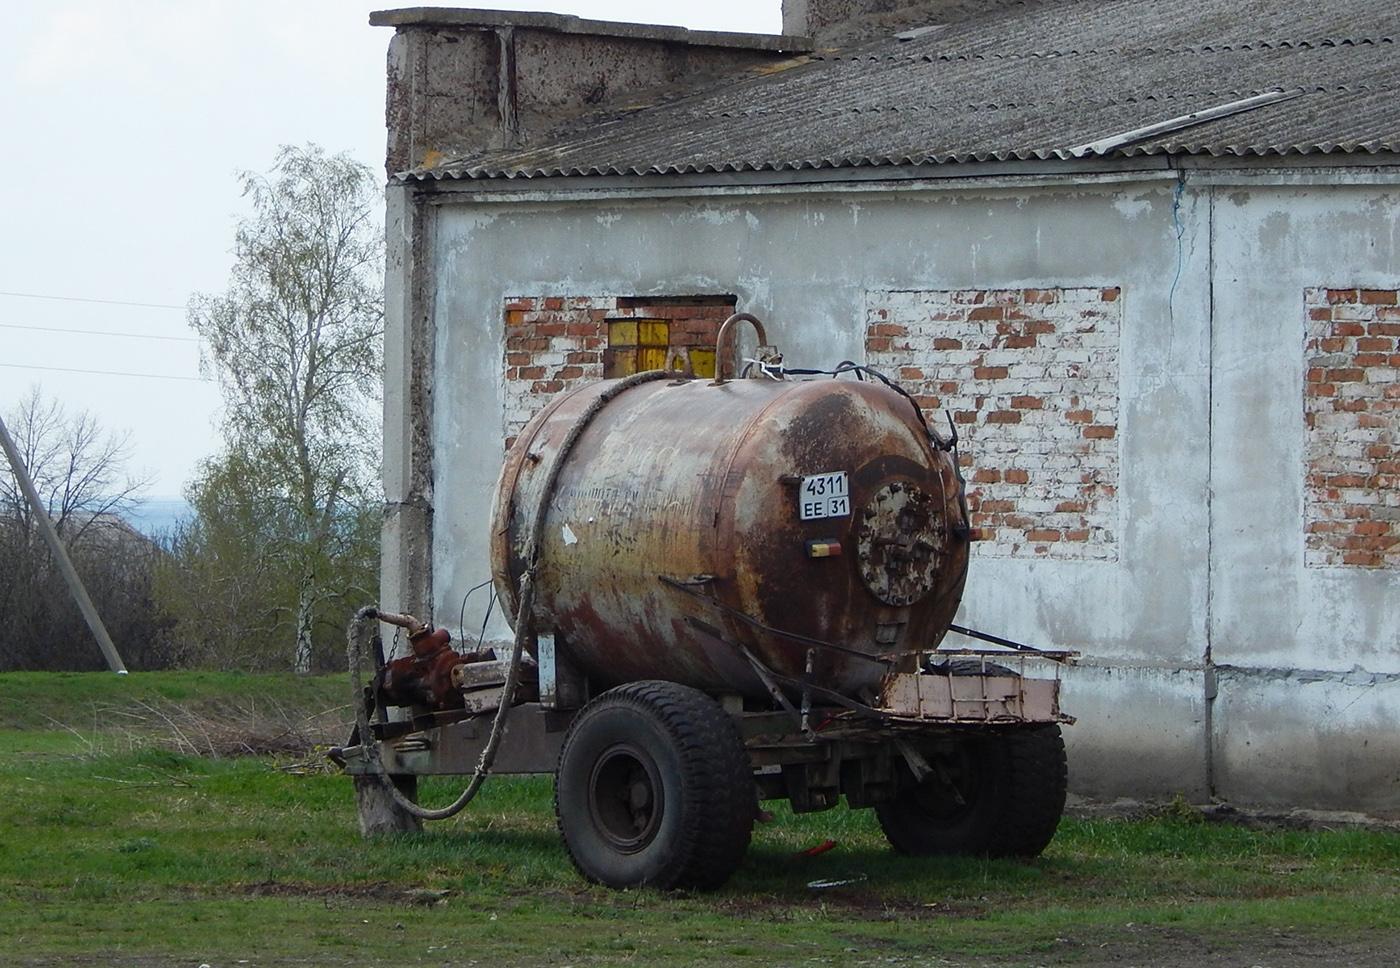 Прицеп-цистерна # 4311 ЕЕ 31. Белгородская область, Алексеевский район, с. Алейниково